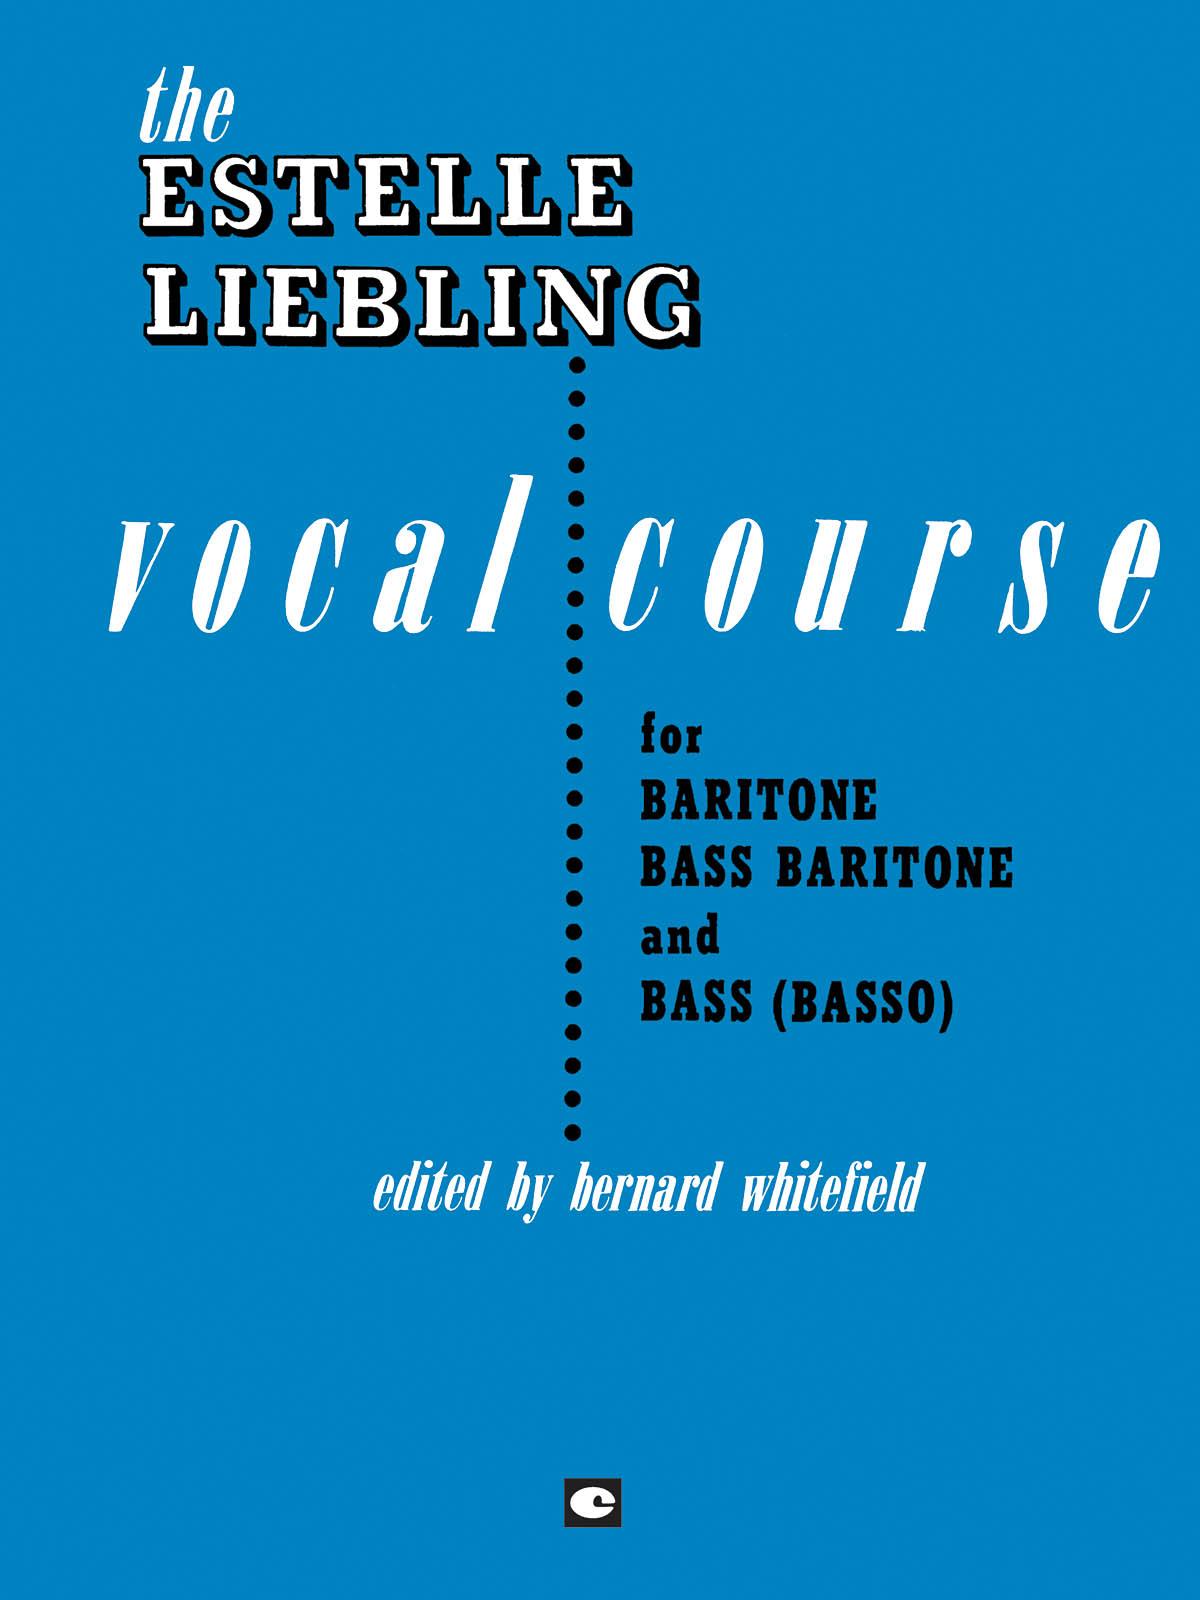 Estelle Liebling: The Estelle Liebling Vocal Course: Vocal Solo: Vocal Album